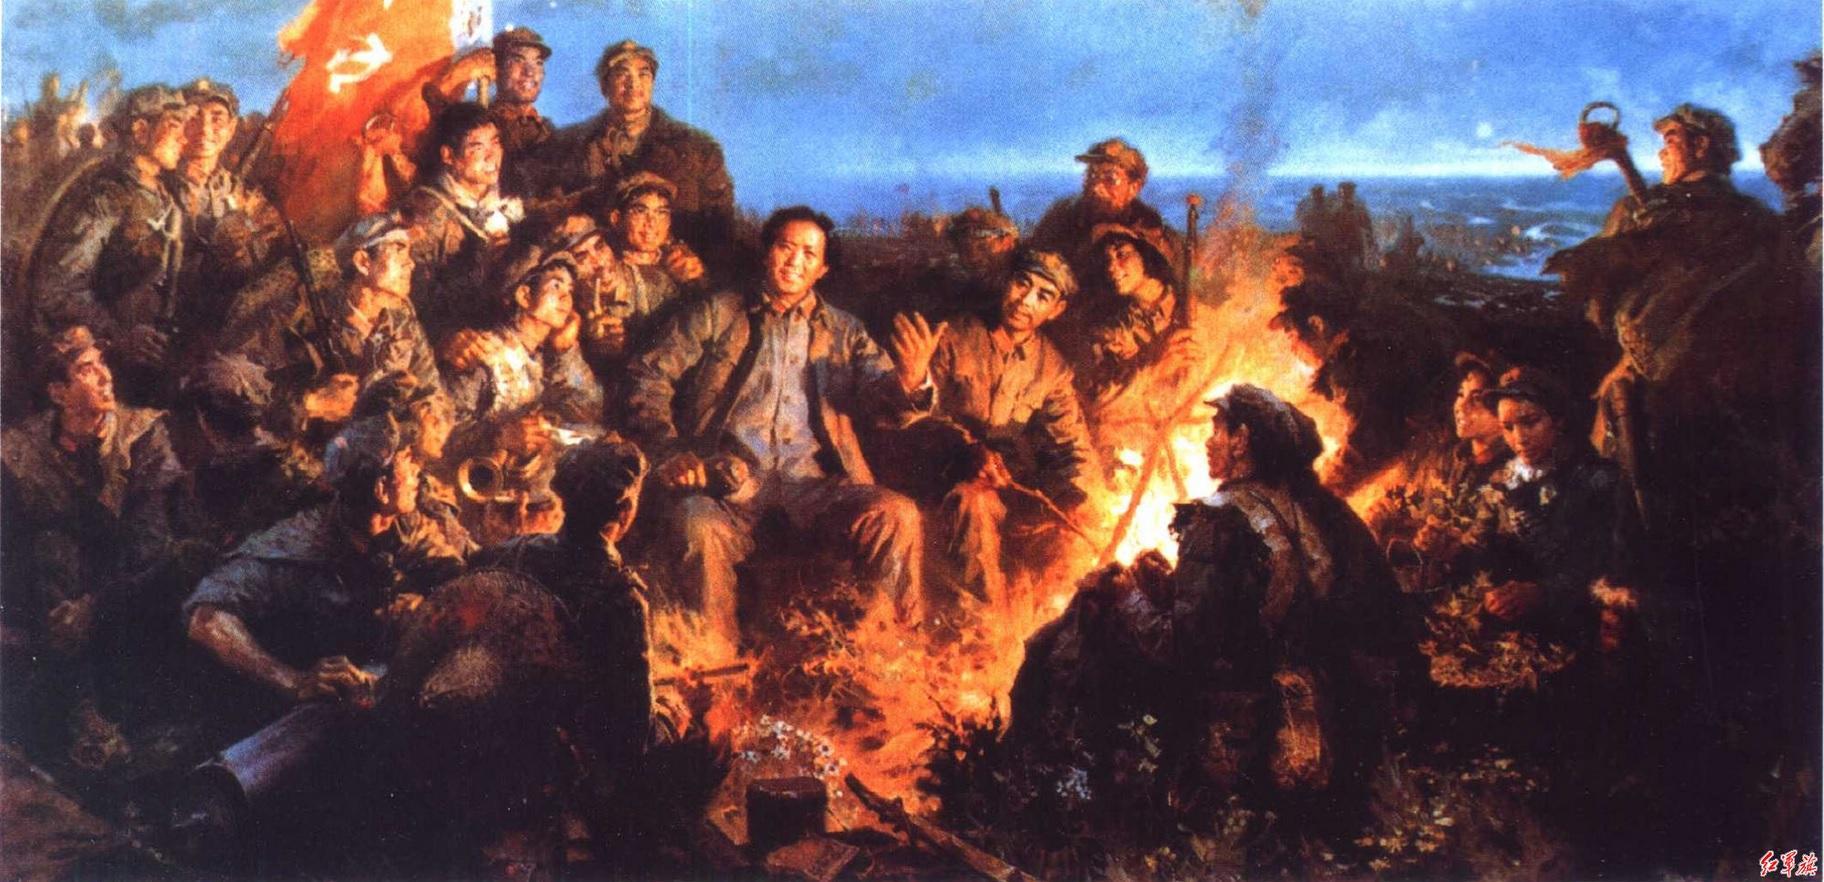 长征80周年总结之二:全国红军一盘棋1 你可知红军有多团结2 总司令部也拉不走红军3 红军不是一天建成的